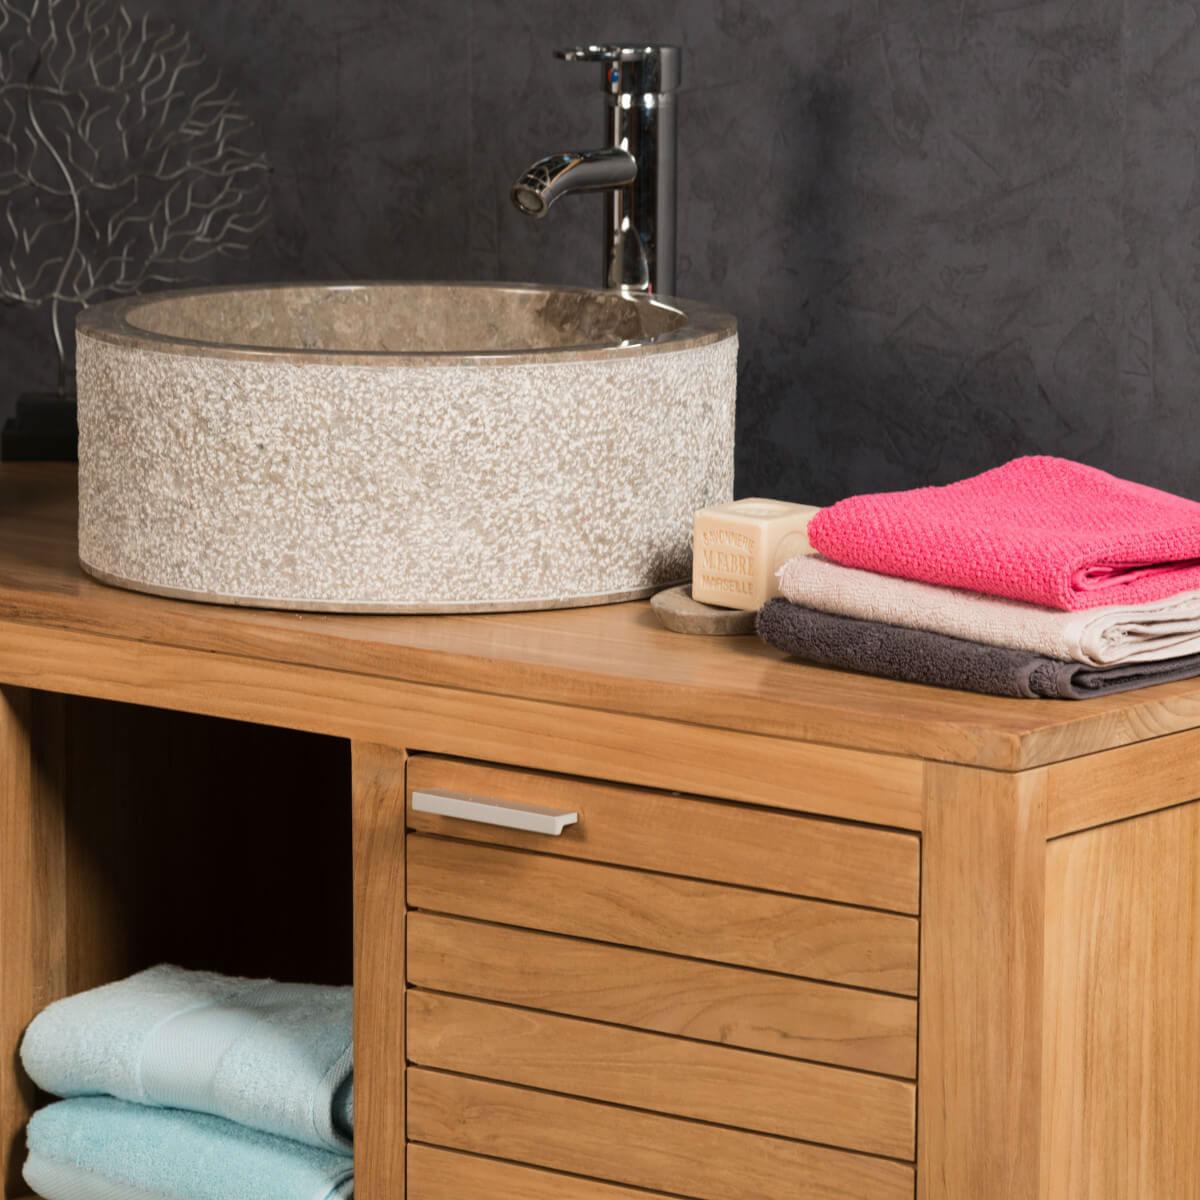 Vasque salle de bain en marbre ELBE gris taupe 40cm